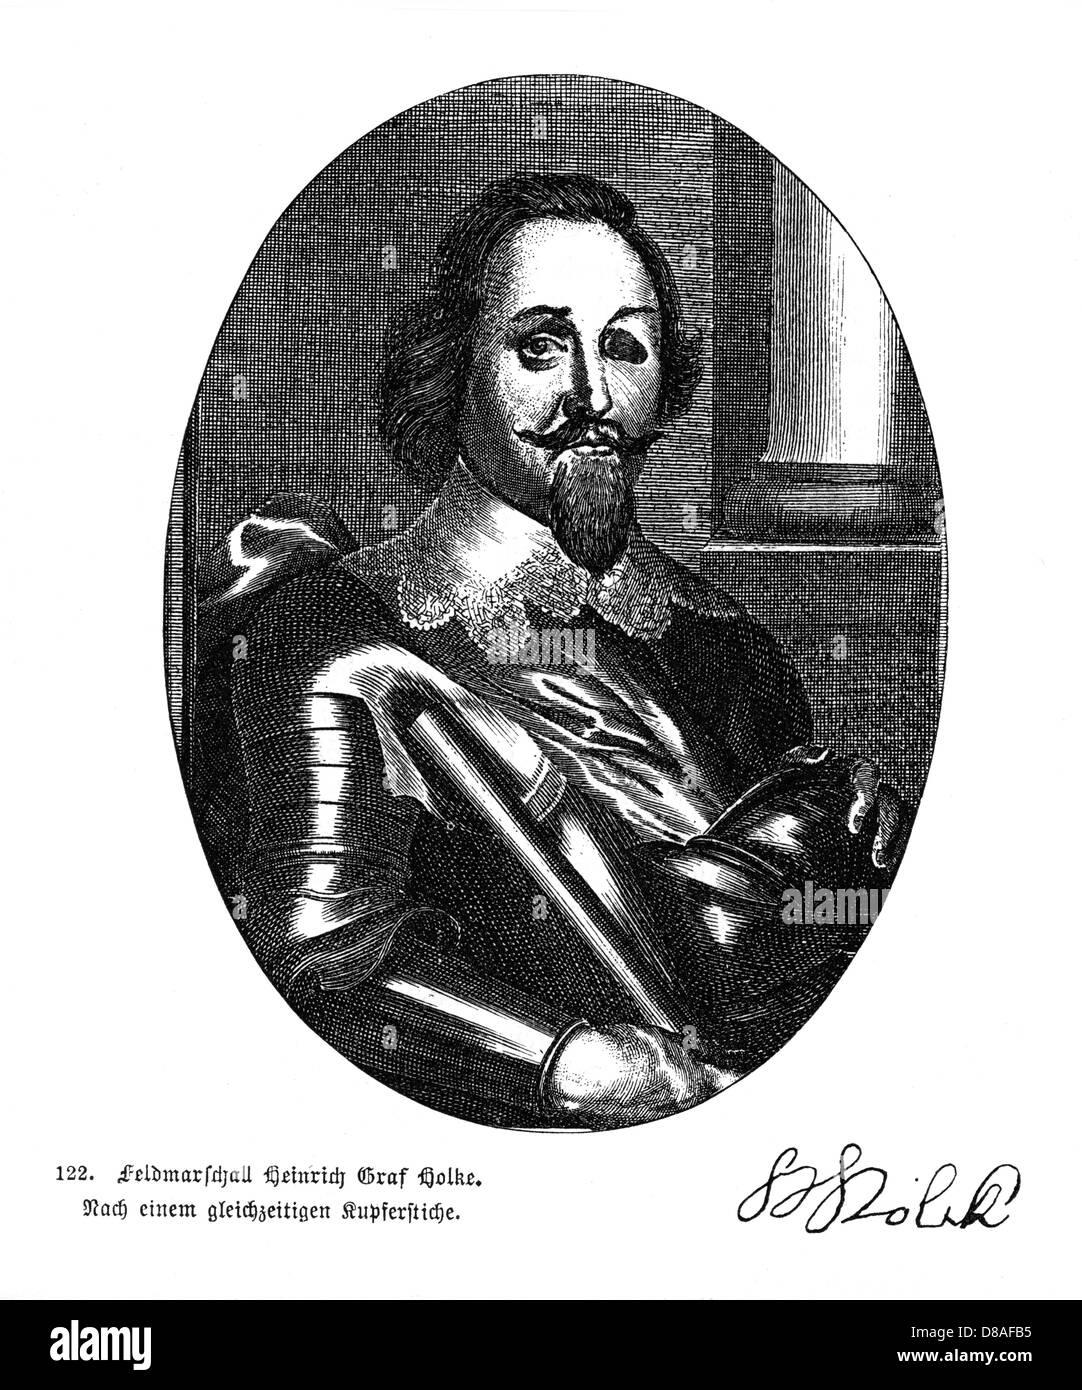 Heinrich Graf Holke - Stock Image